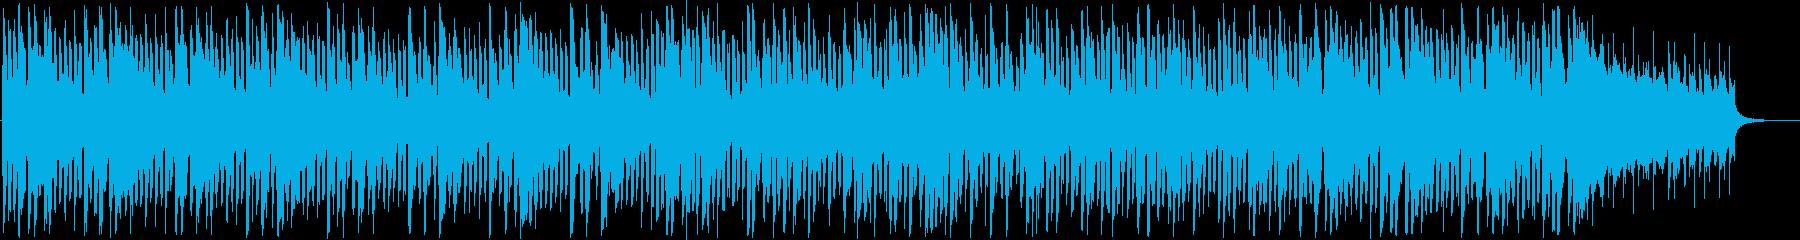 軽快で活気あるインフォメーション曲の再生済みの波形